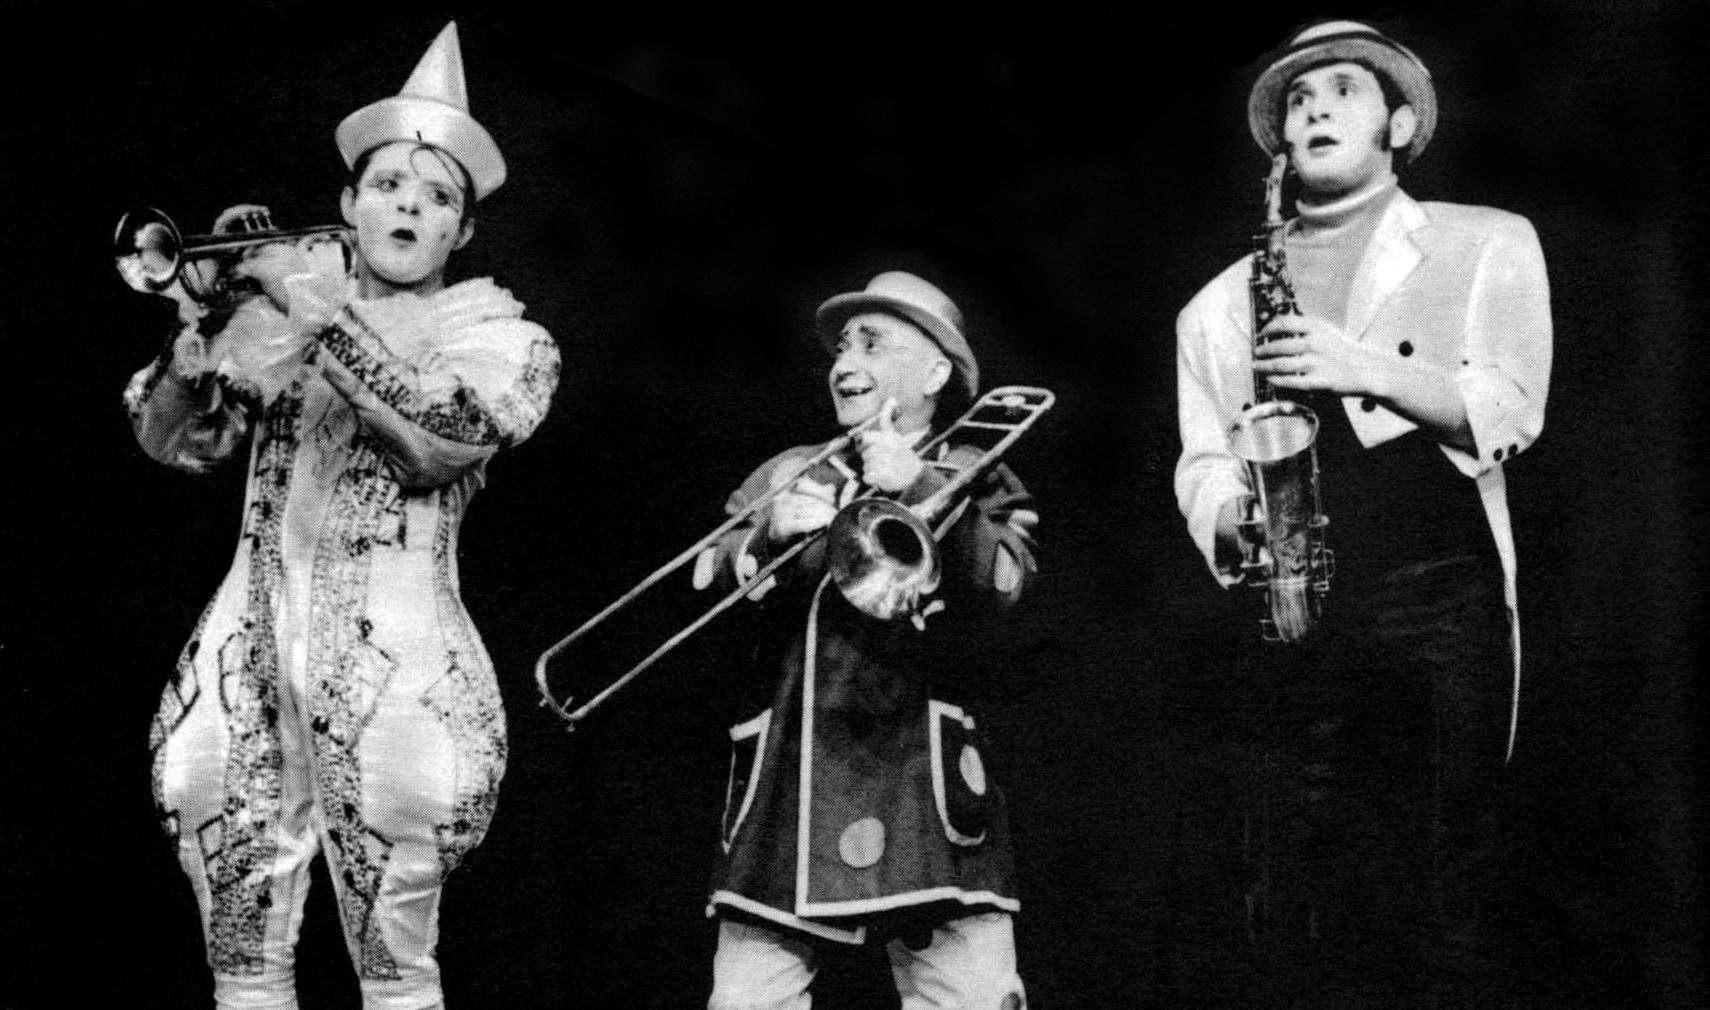 Aki a manézsban sosem ismert tréfát – Eötvös Gábor zenebohócot köszöntjük, aki ma lenne 100 éves